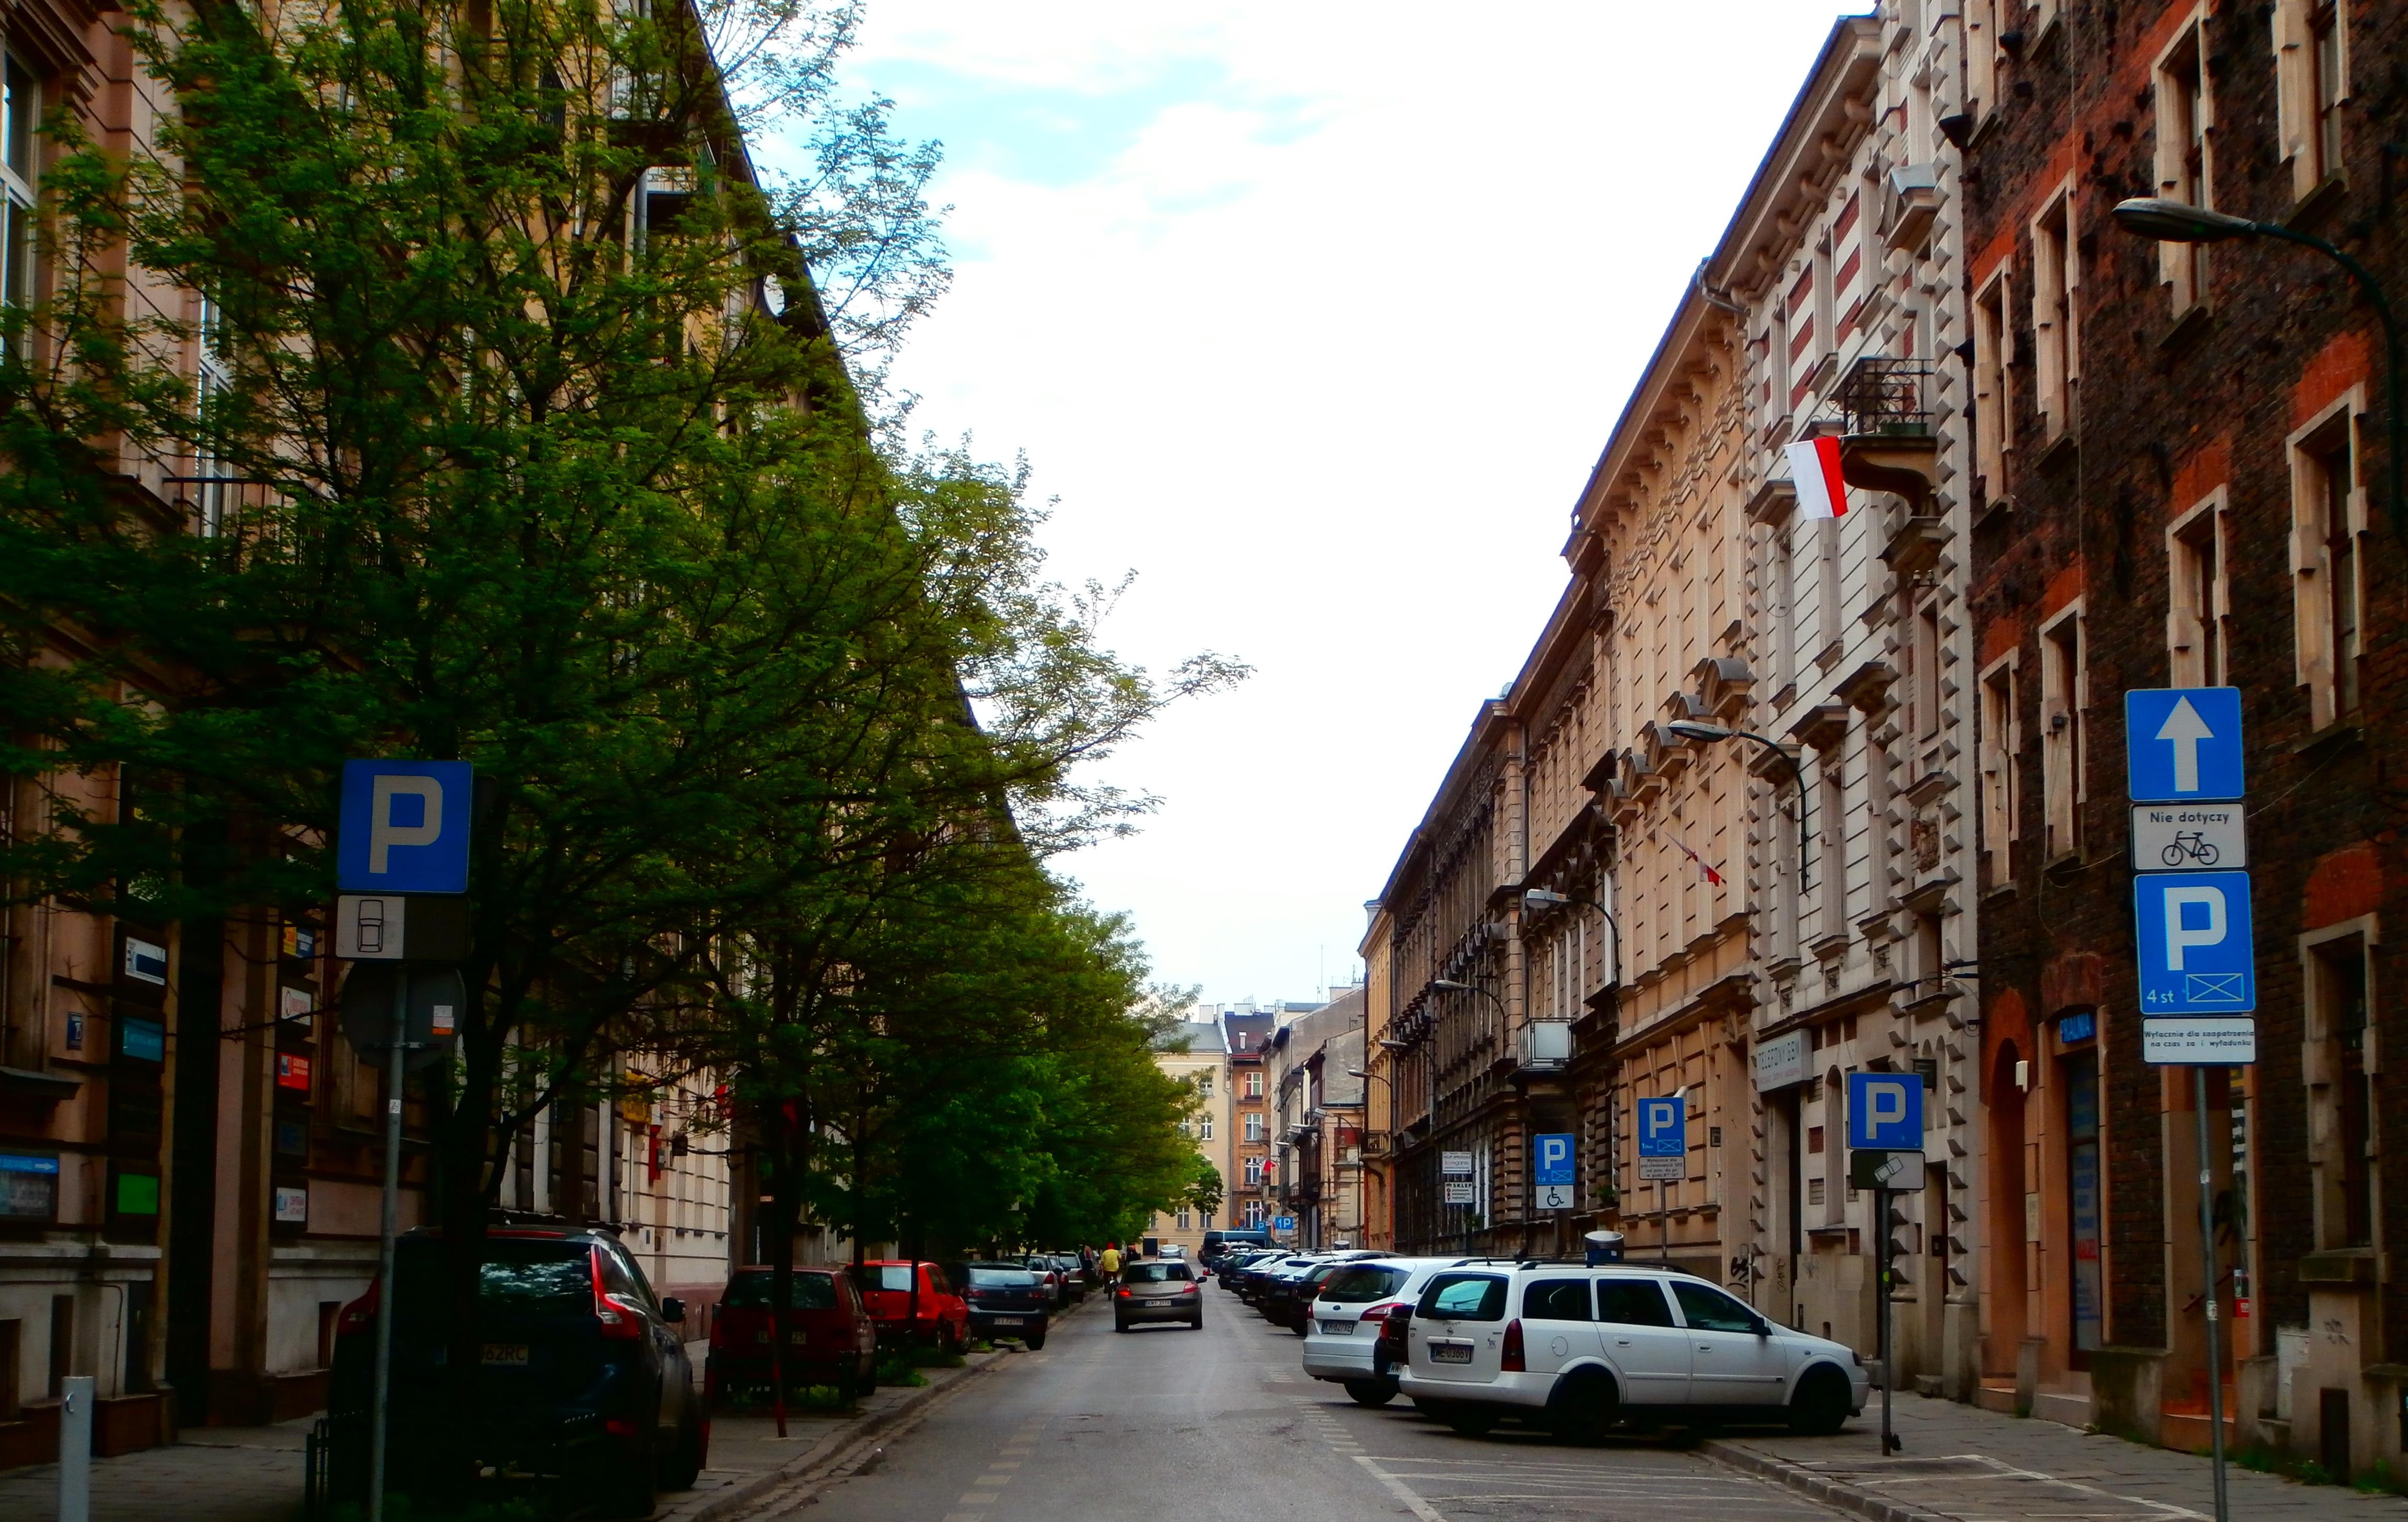 Ulica Stefana Batorego W Krakowie Wikipedia Wolna Encyklopedia